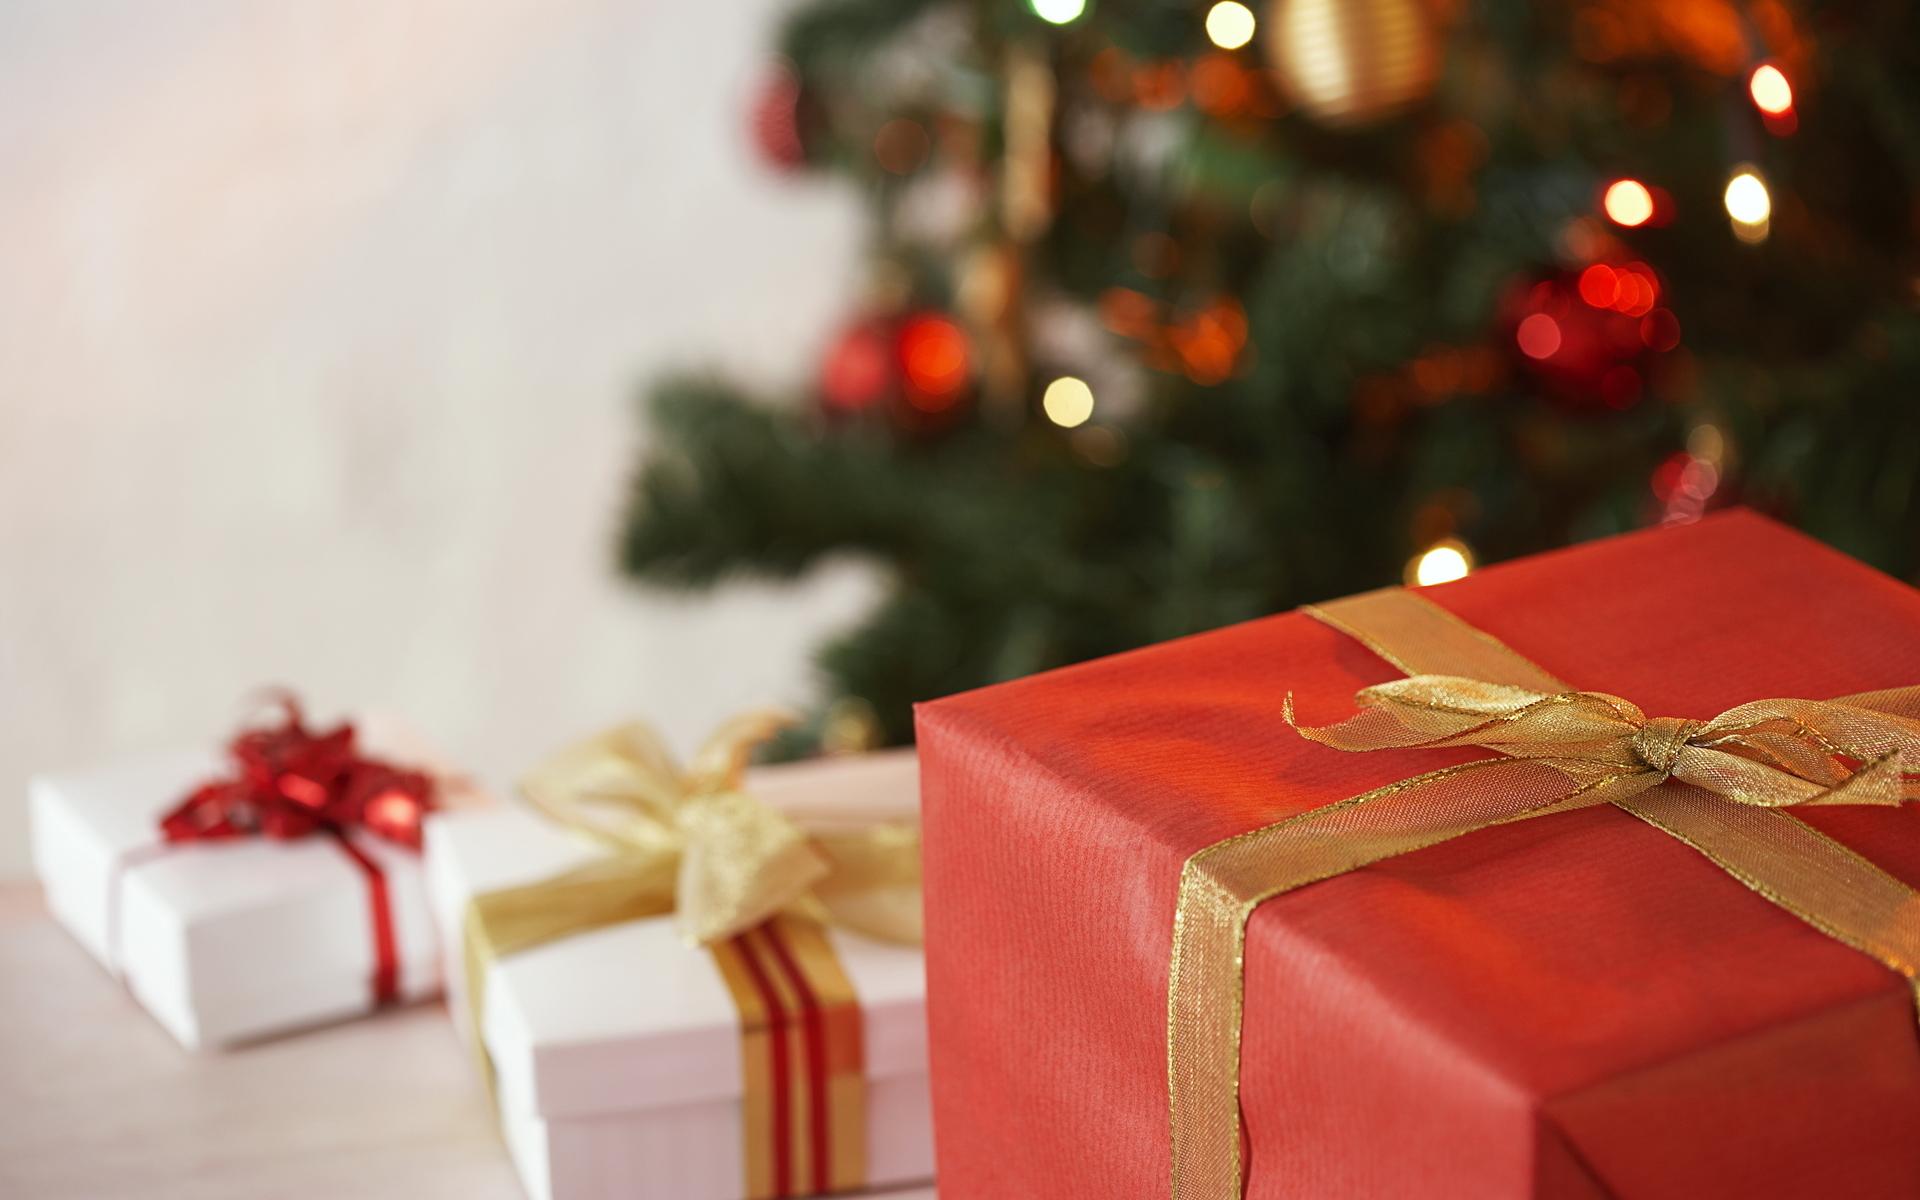 оформления новогодних поздравлений началась раздача подарков